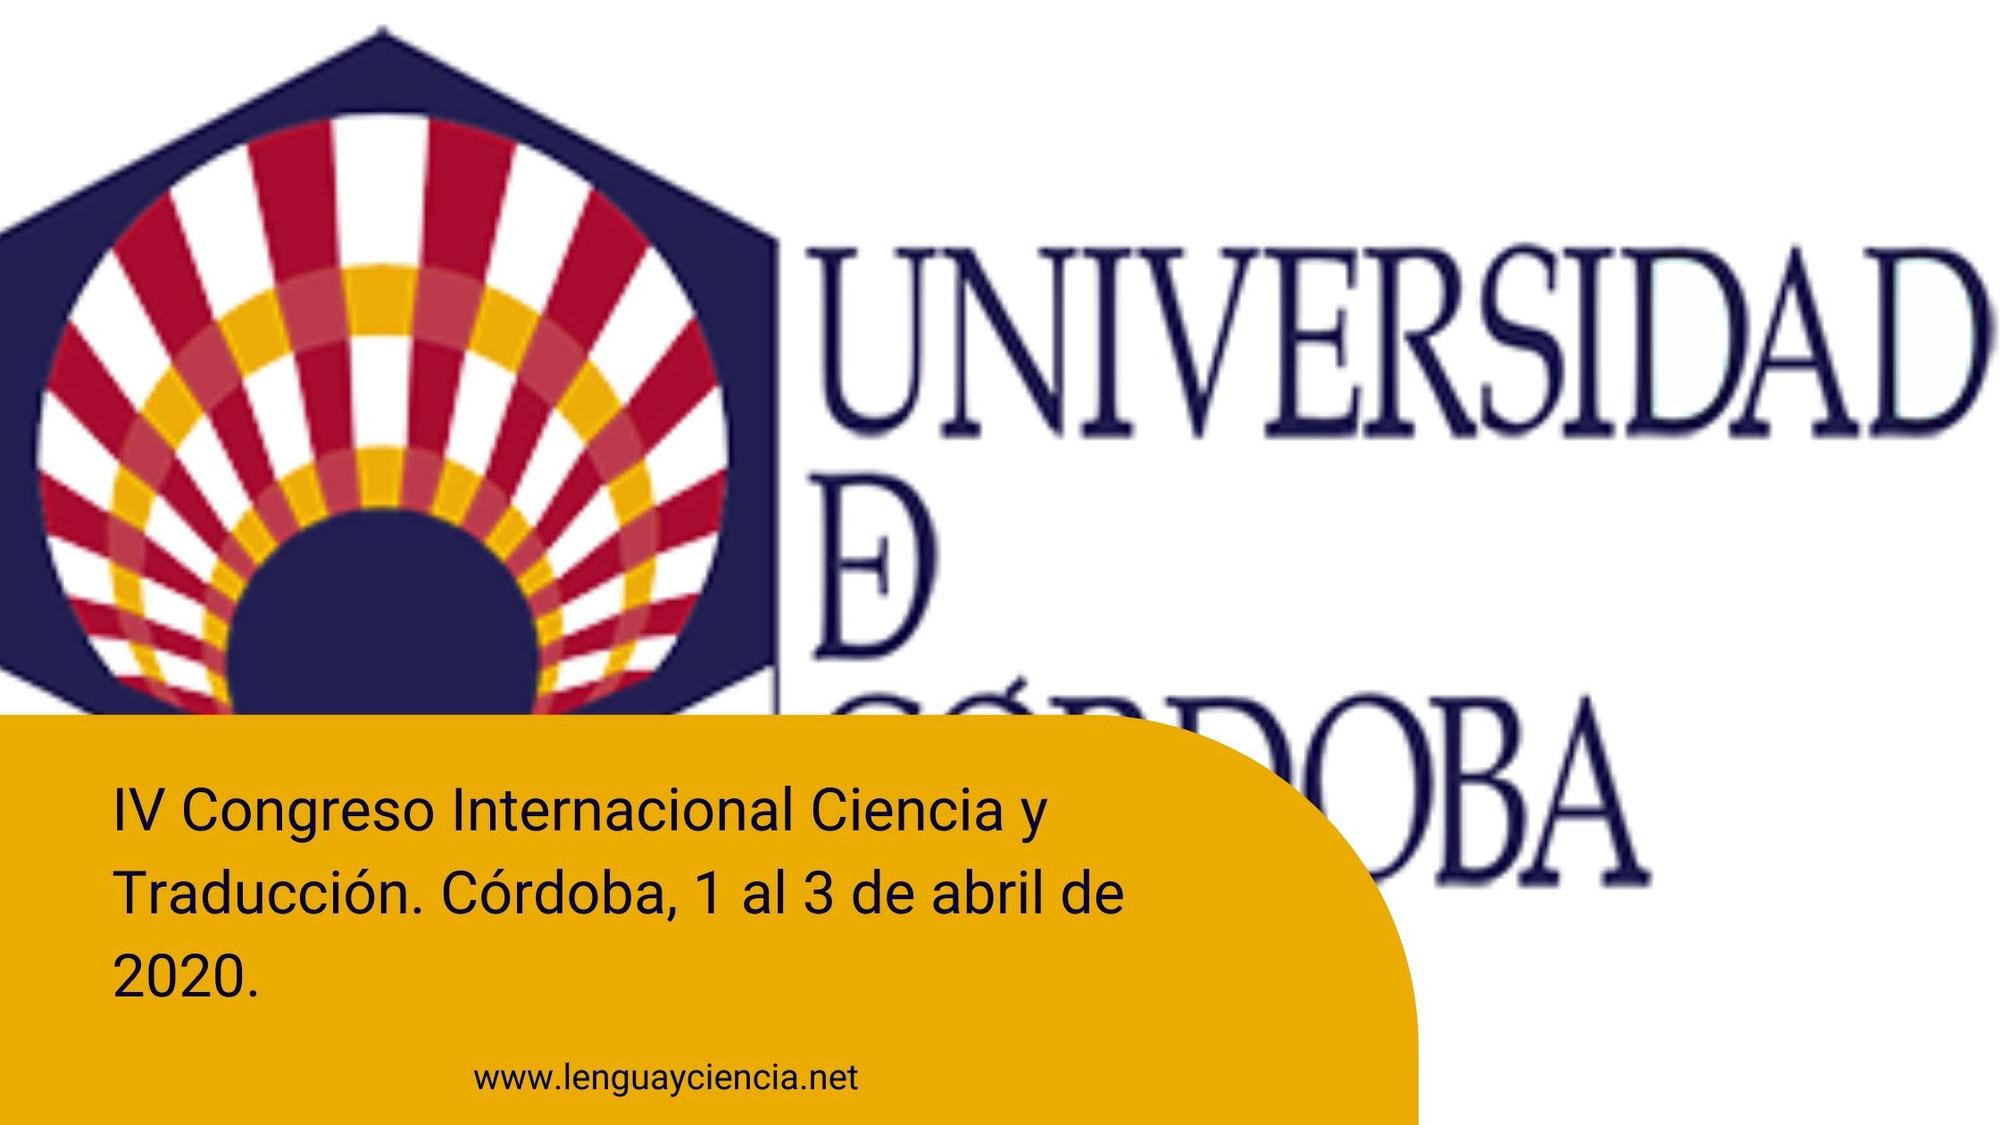 IV Congreso Internacional Ciencia y Traducción. Córdoba, abril de 2020